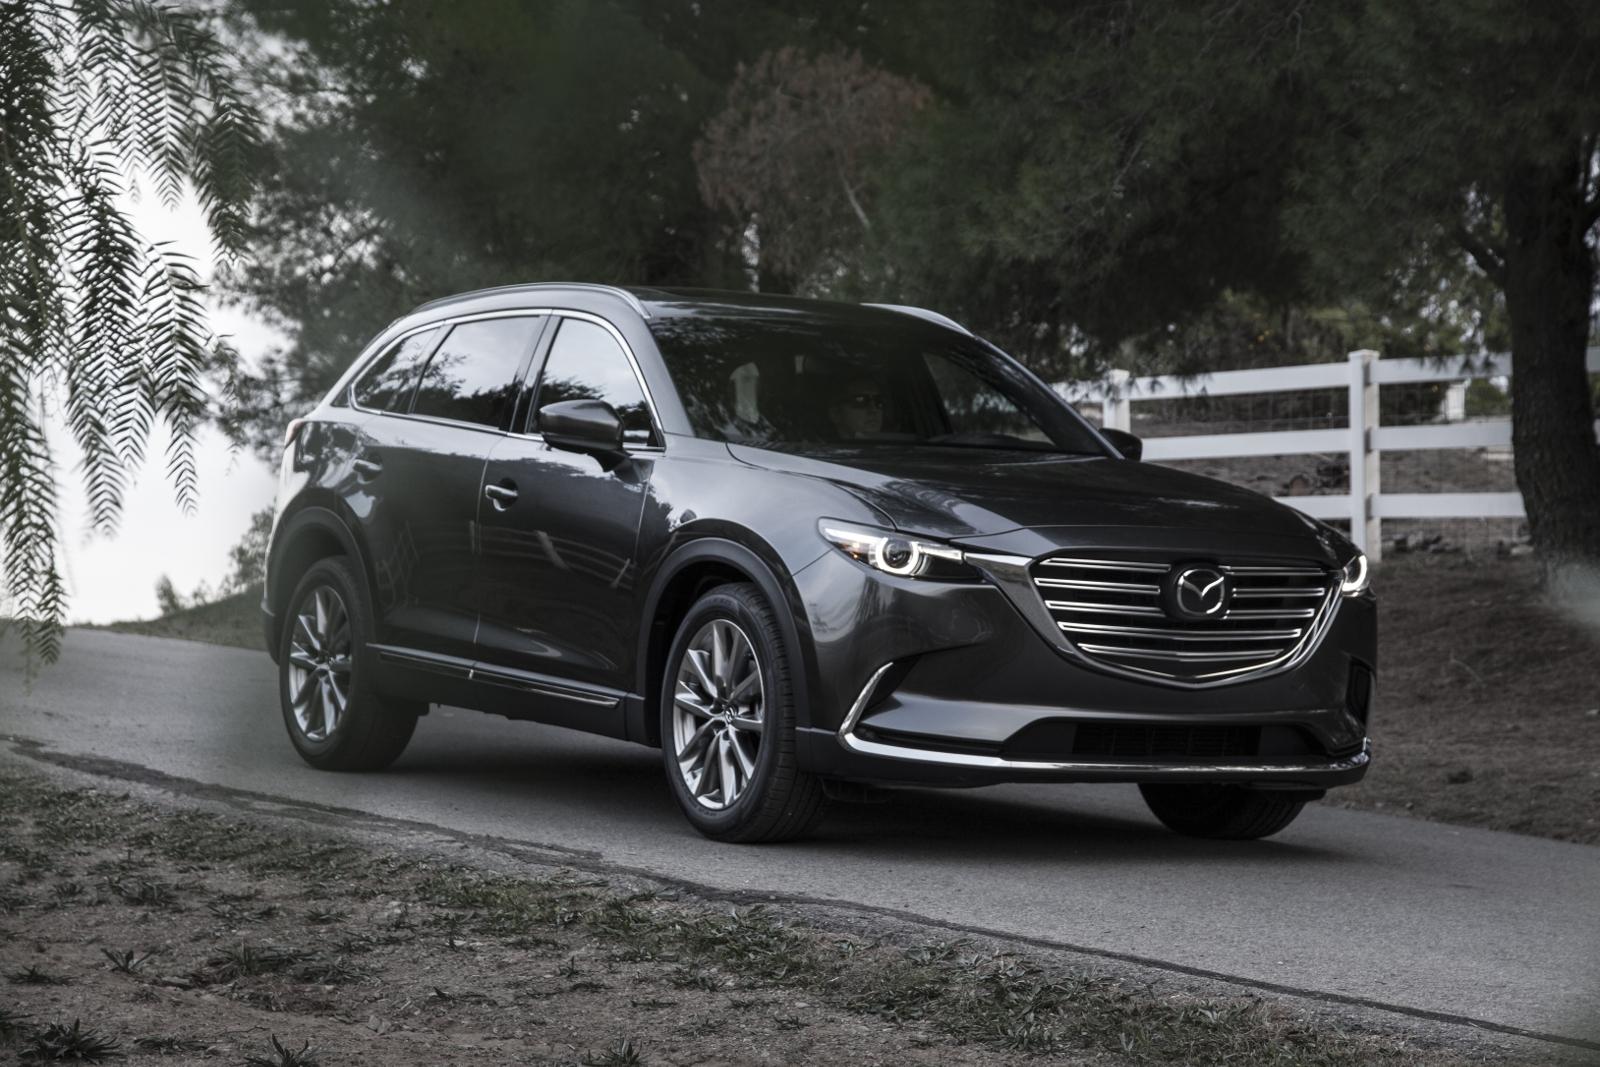 [Image: S0-Salon-de-Los-Angeles-Mazda-le-CX-9-of...366770.jpg]